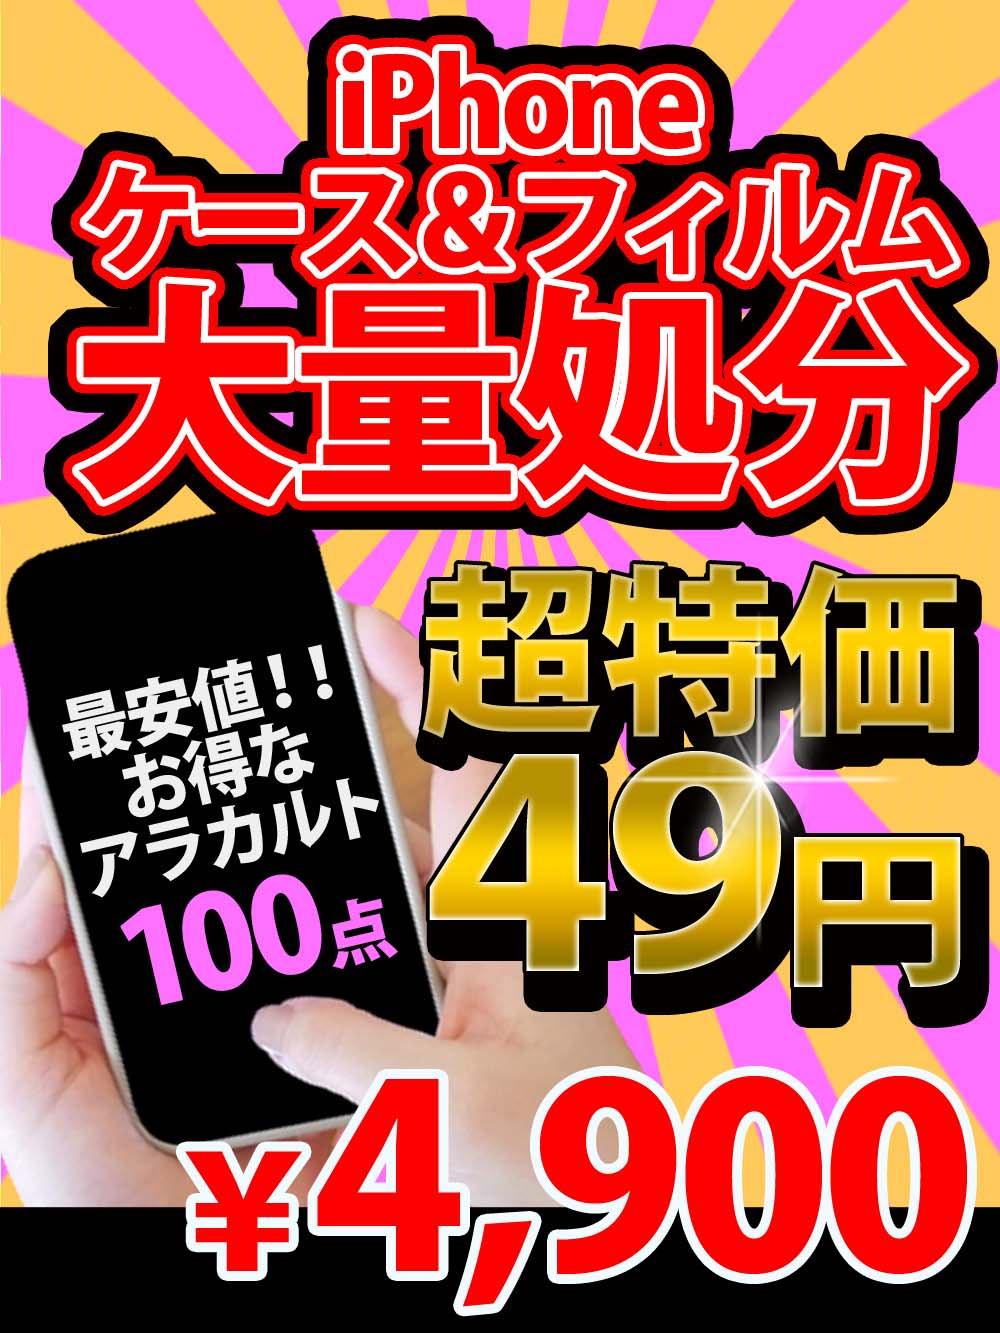 【緊急大放出49円】【上代90%OFF確定】スマホケース&フィルムアソート iPad/iPhone/Xperia/GALAXY/…多種対応【100点】@49